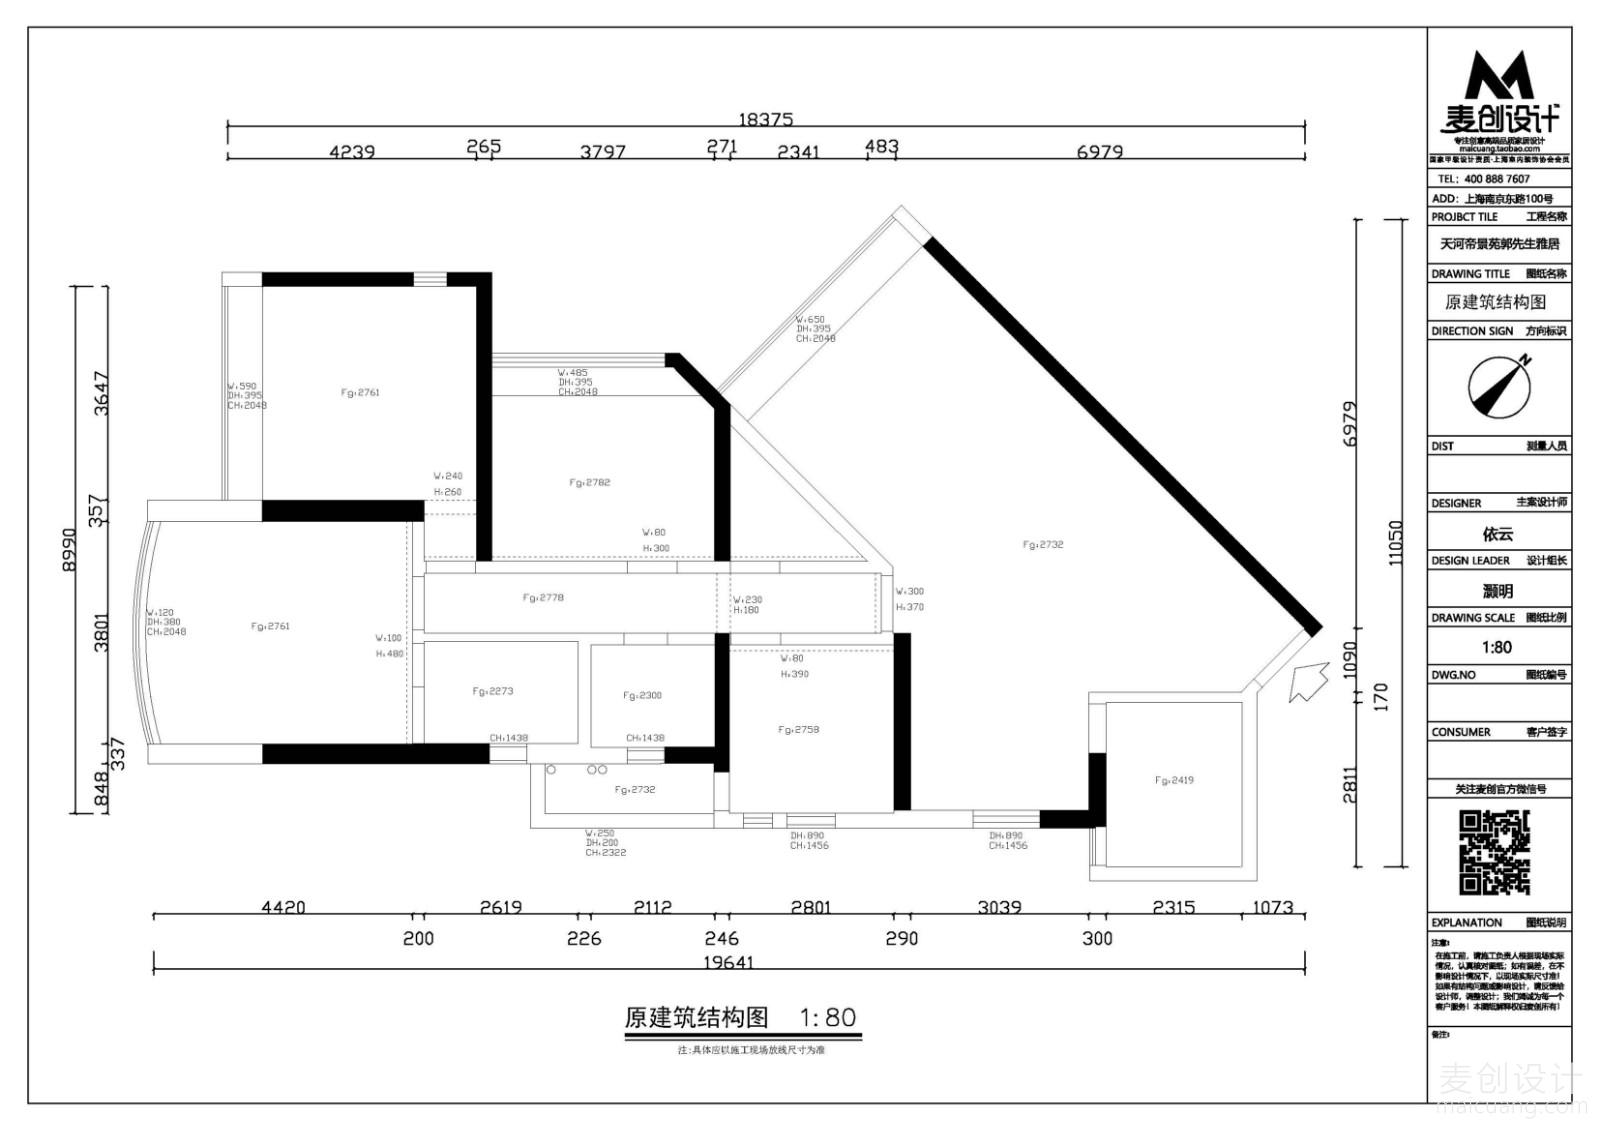 郭生雅居施工图12-19修改_页面_05